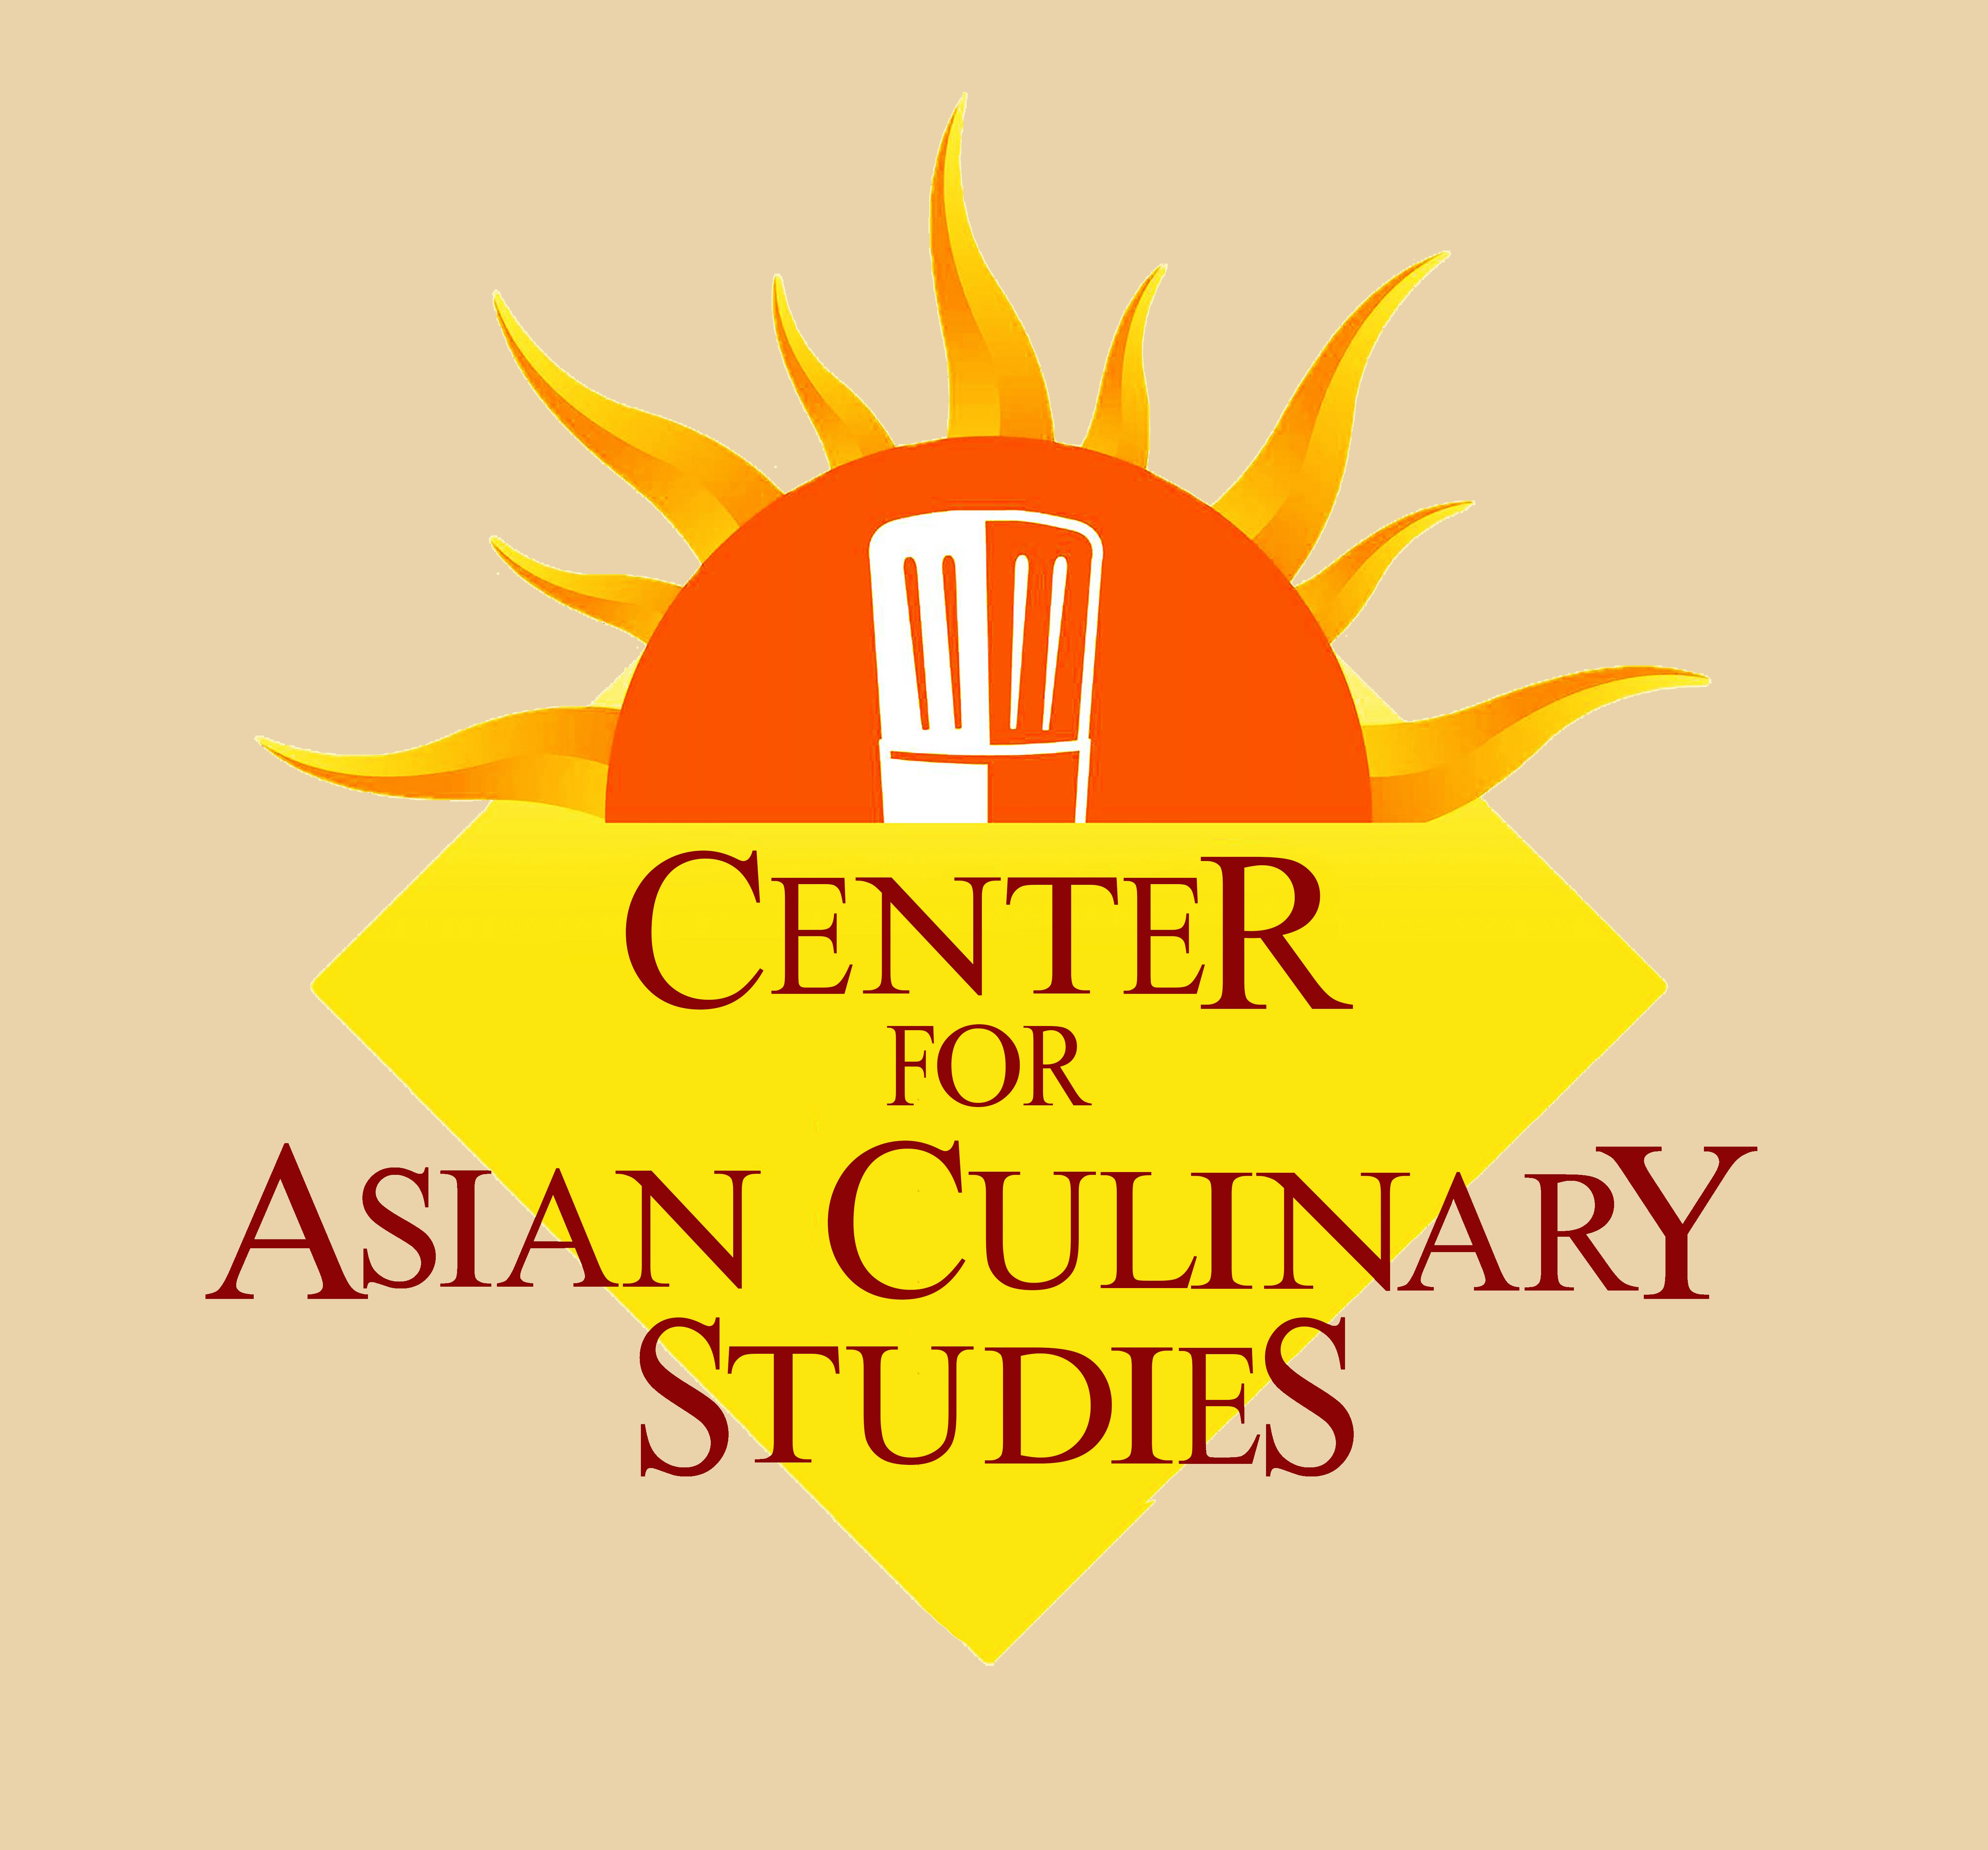 Center for Asian Culinary Studies, Inc. - Manila Logo